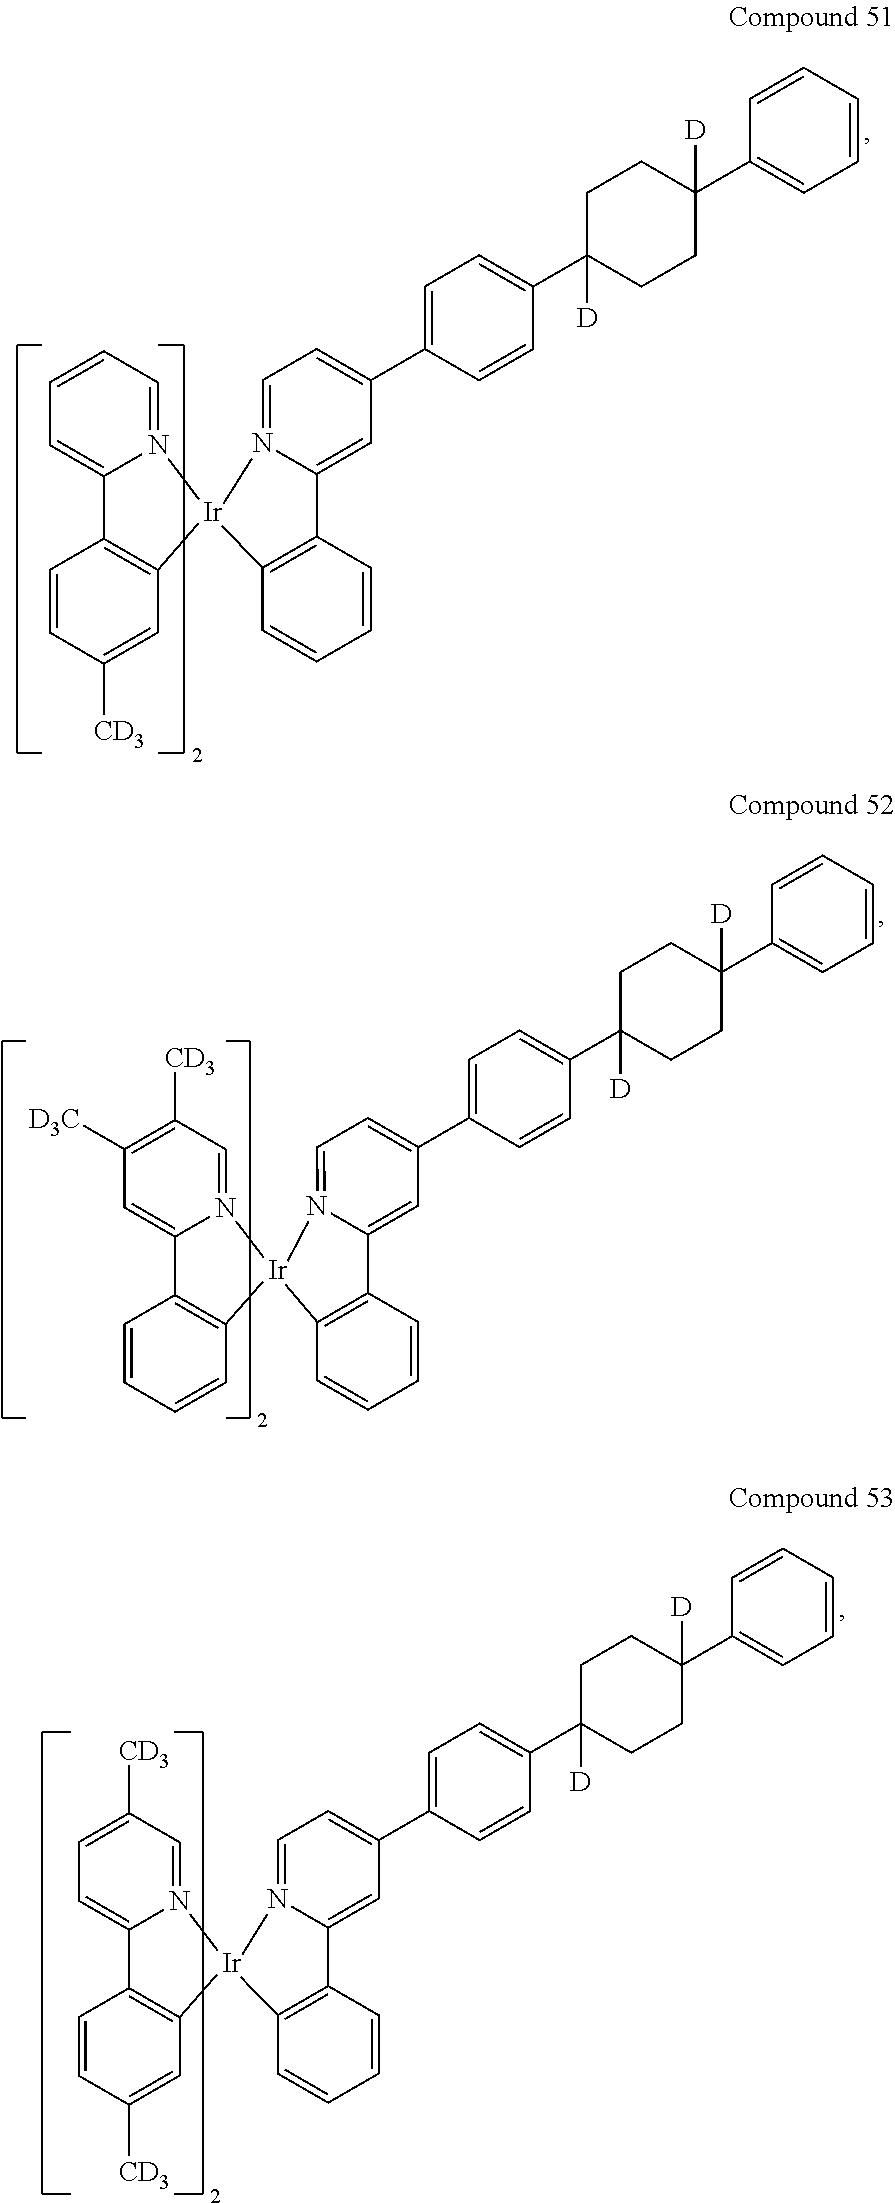 Figure US20180076393A1-20180315-C00038